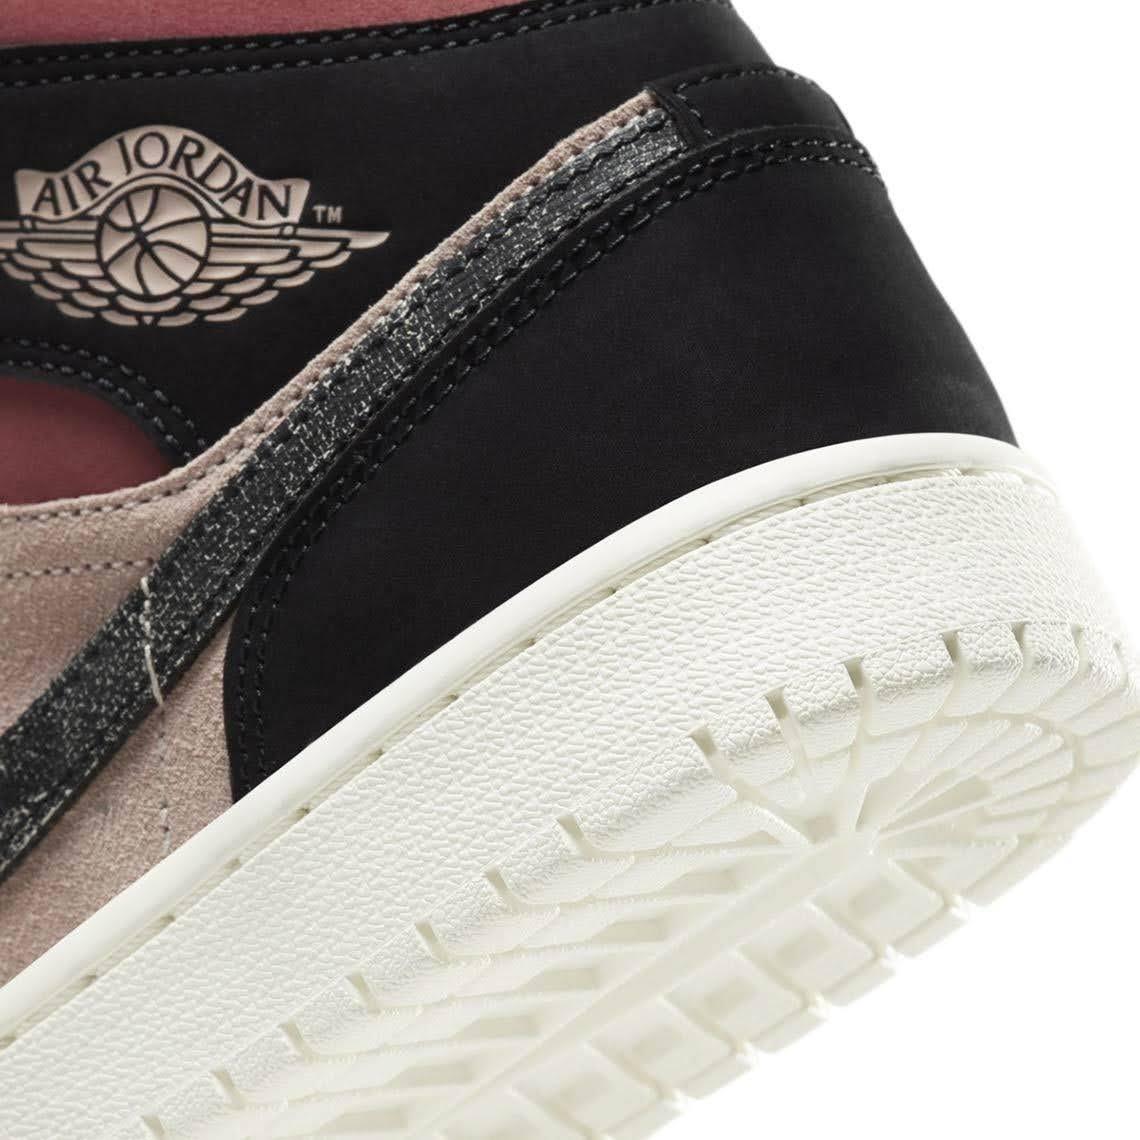 """ナイキ エア ジョーダン 1 ミッド """"バーガンディ/ ダスティピンク"""" Nike-Air-Jordan-1-WMNS-Dusty-Pink-Burgundy-heel-closoup"""